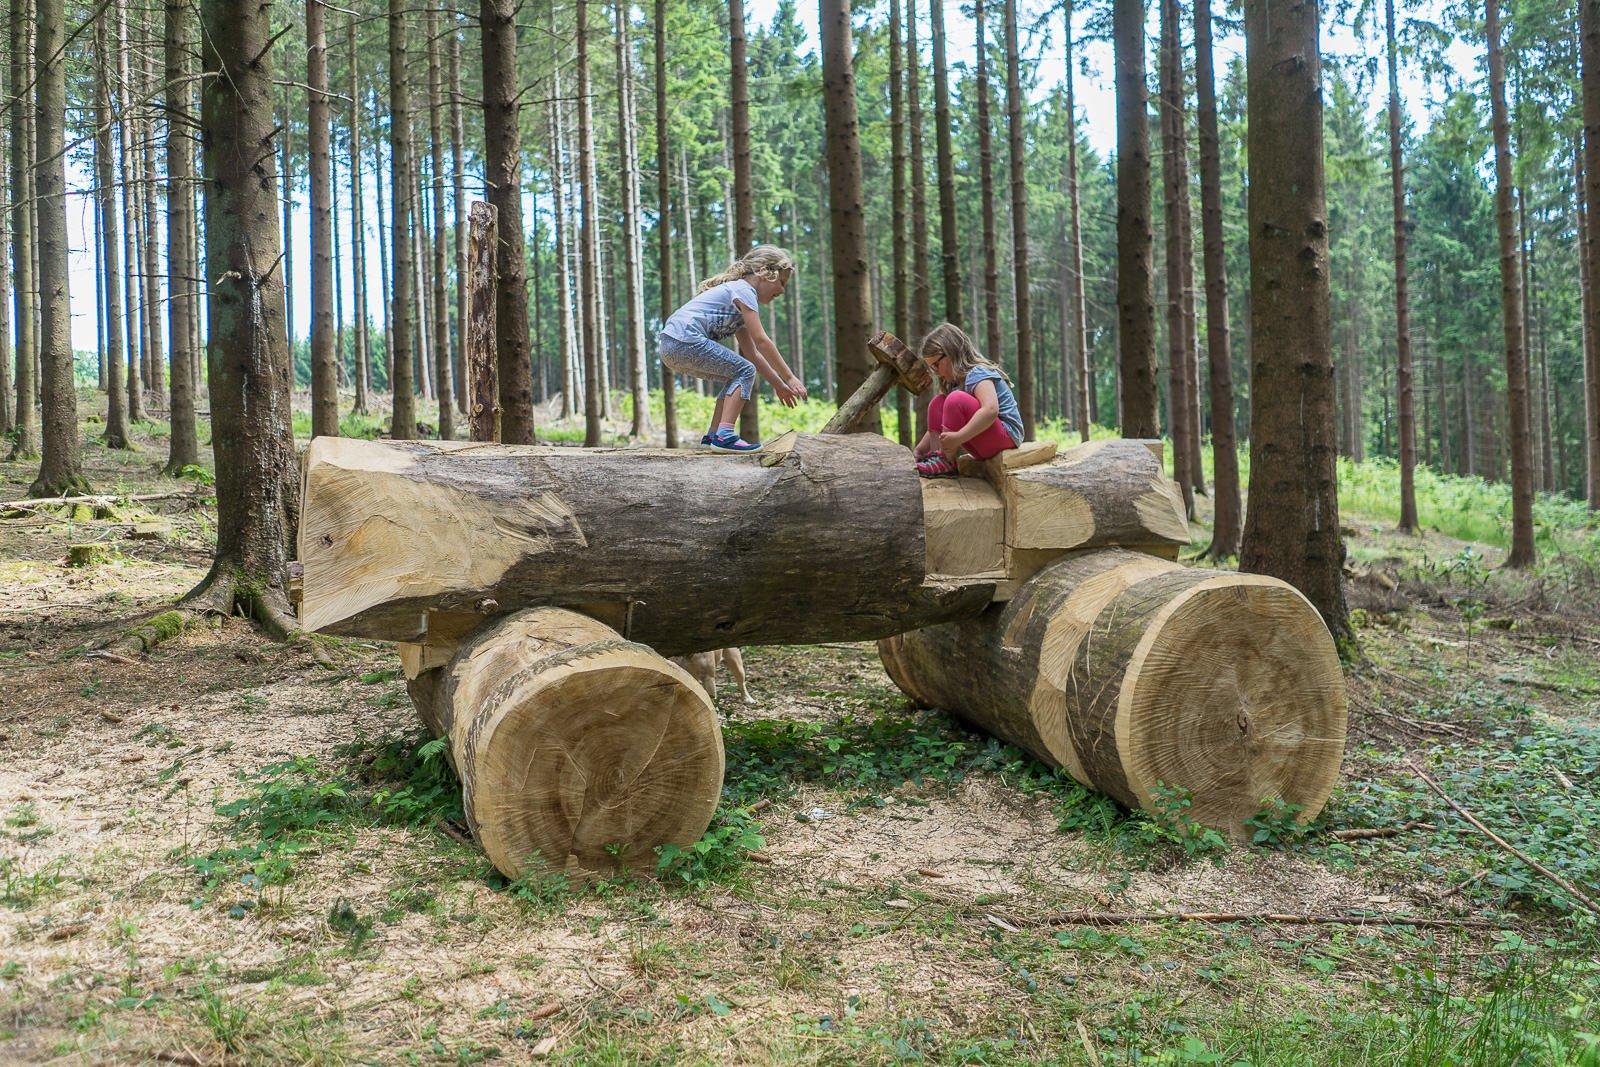 Traktor aus holz Bergneustadt Wald bergisches Land